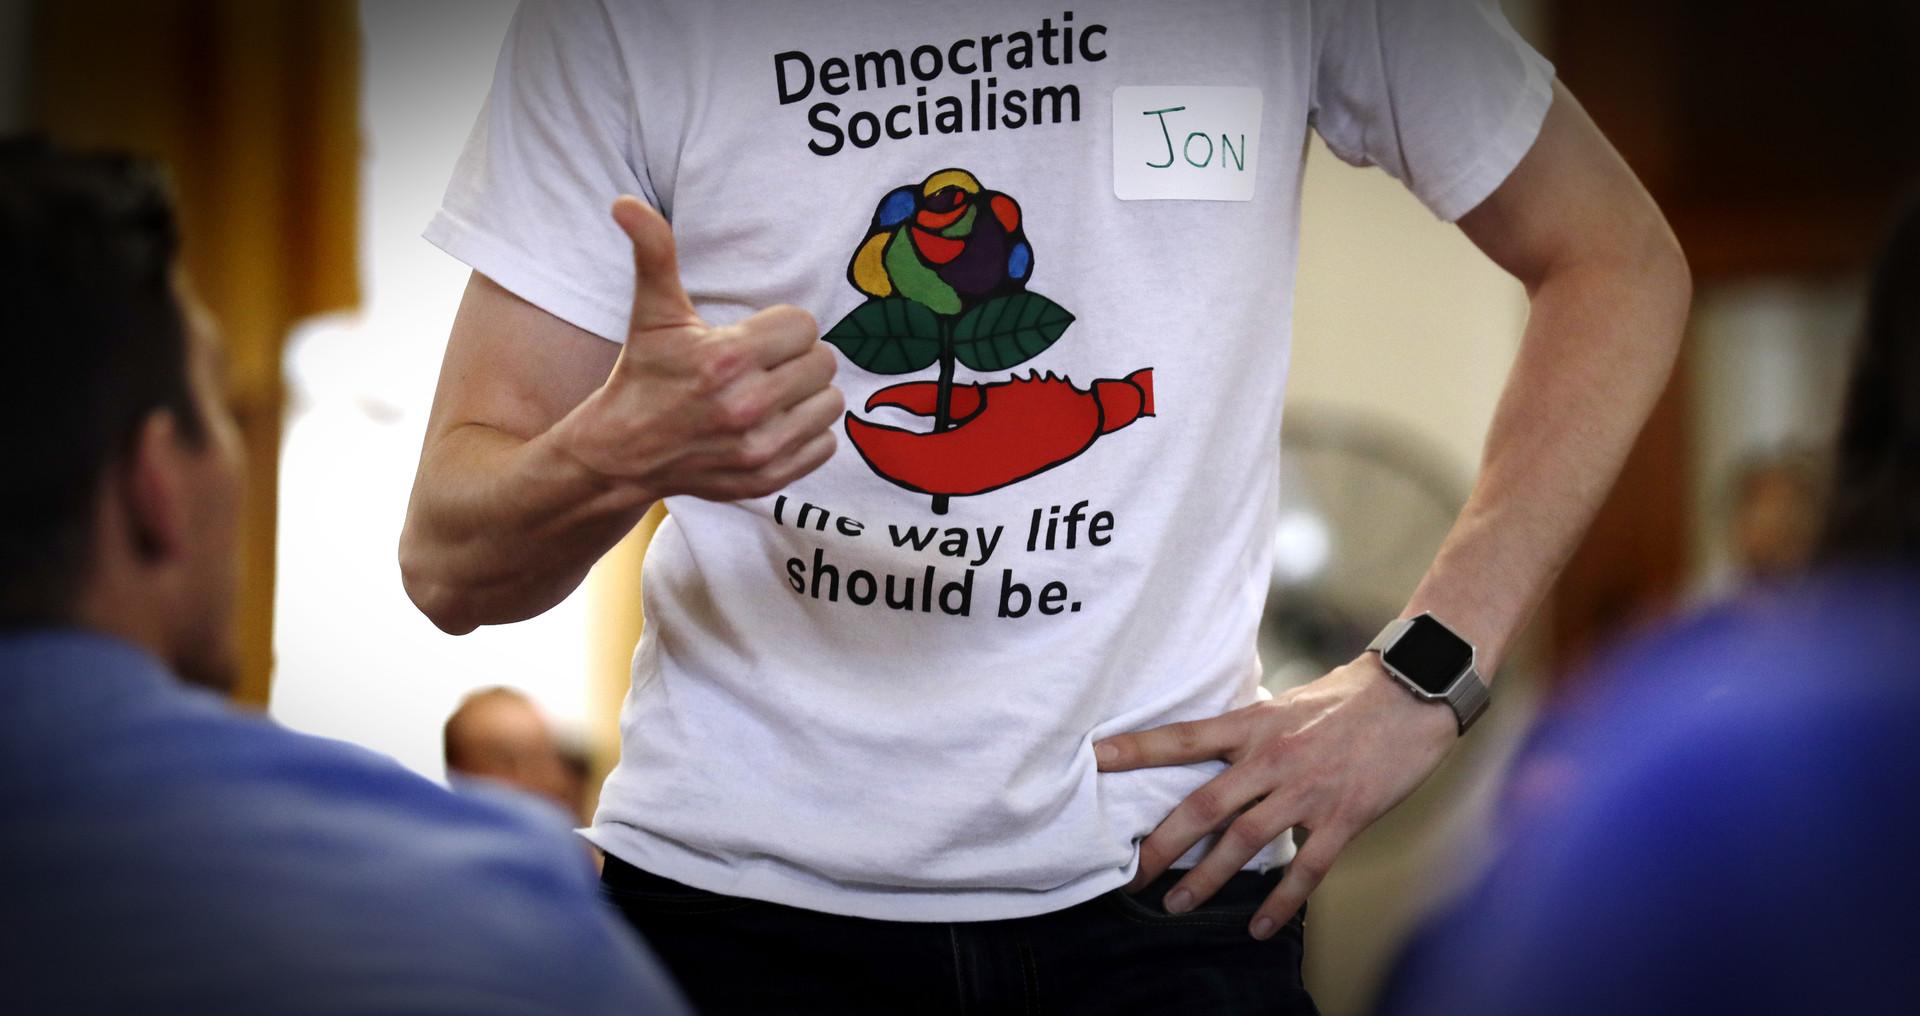 ¿Por qué los jóvenes estadounidenses se inclinan hacia el socialismo y en qué futuro creen?